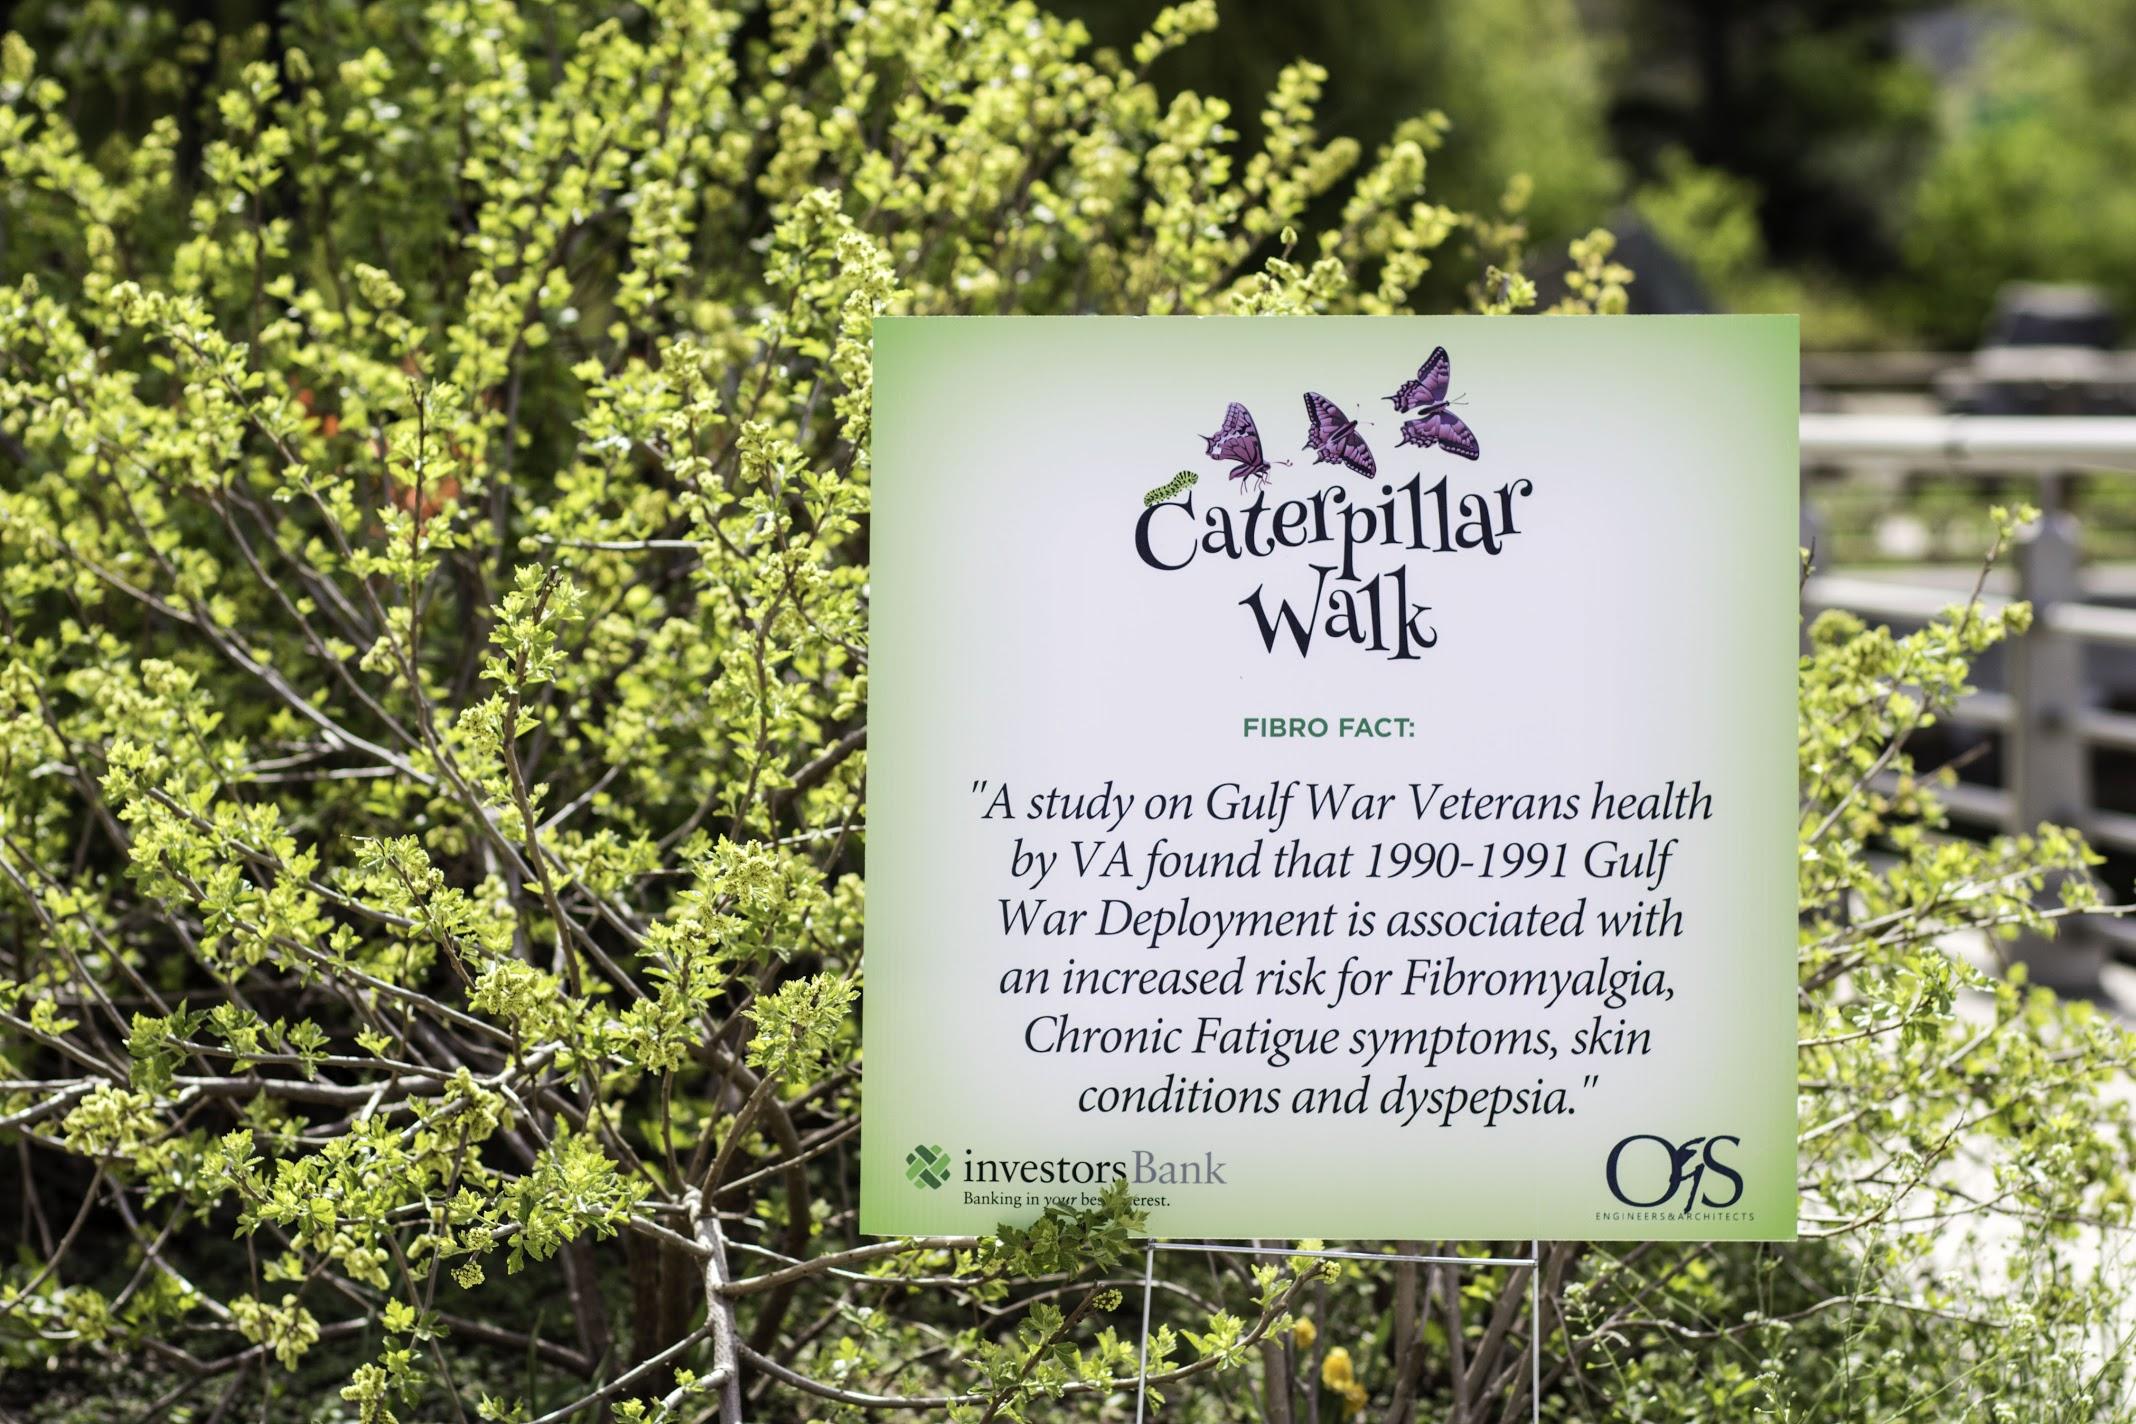 050418_FCSA_Caterpillar-136.jpg